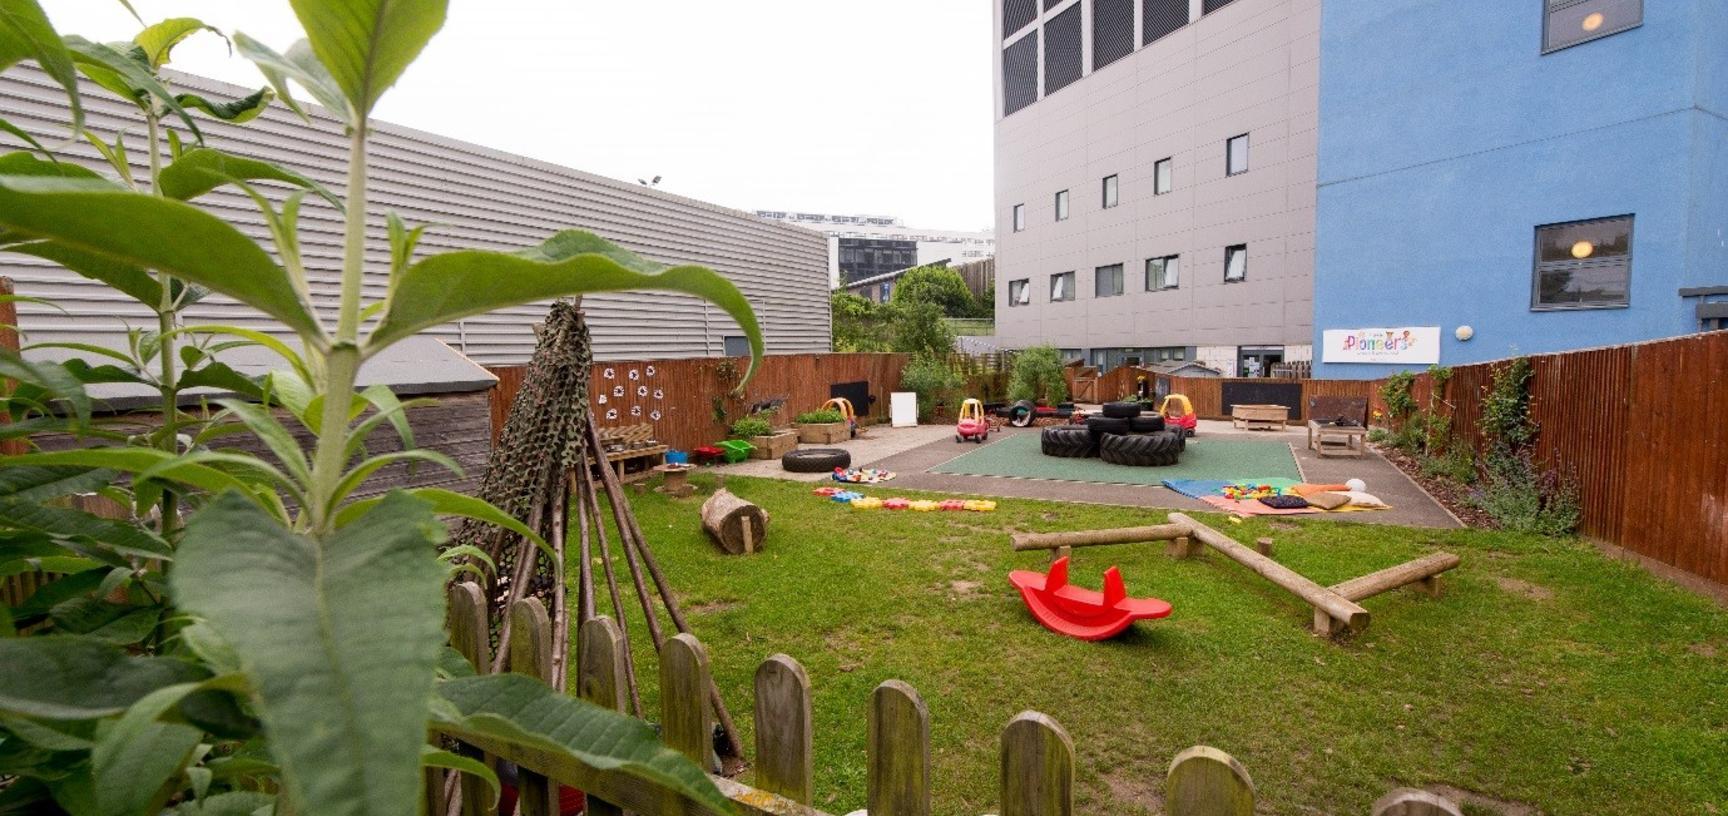 jr o garden